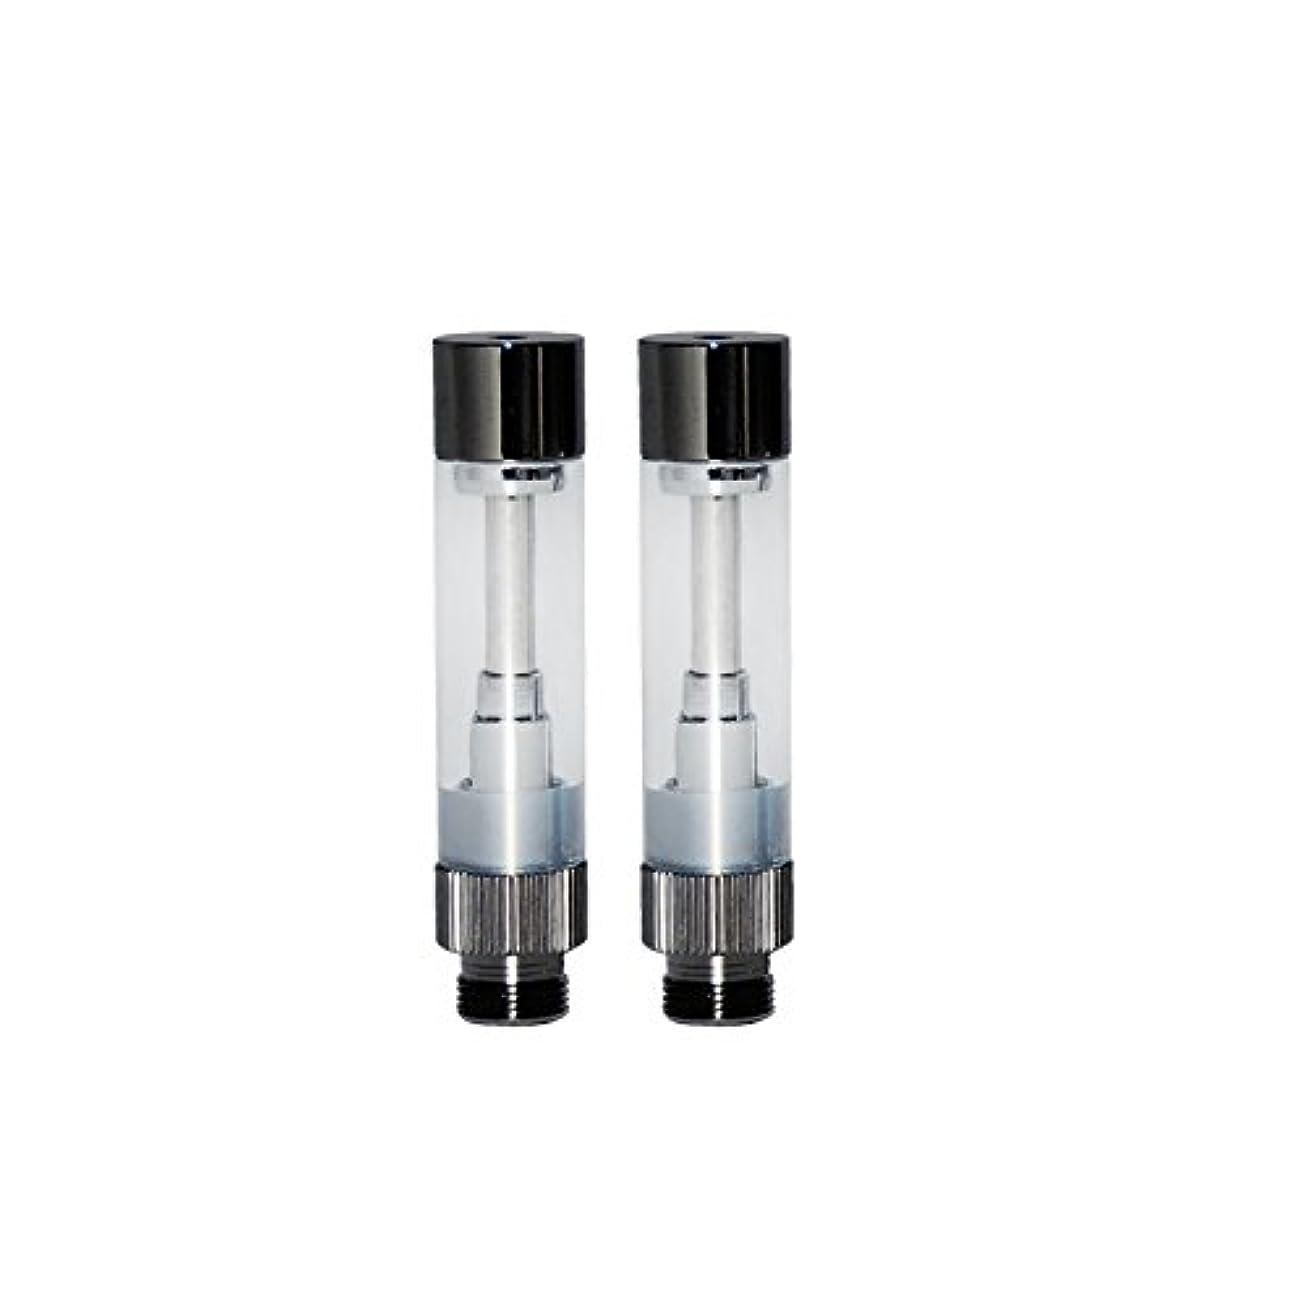 カロリー解任円形の電子タバコ アトマイザー smiss社 EMILI MINI+ エミリミニプラス専用アトマイザー 2本セット ブラック